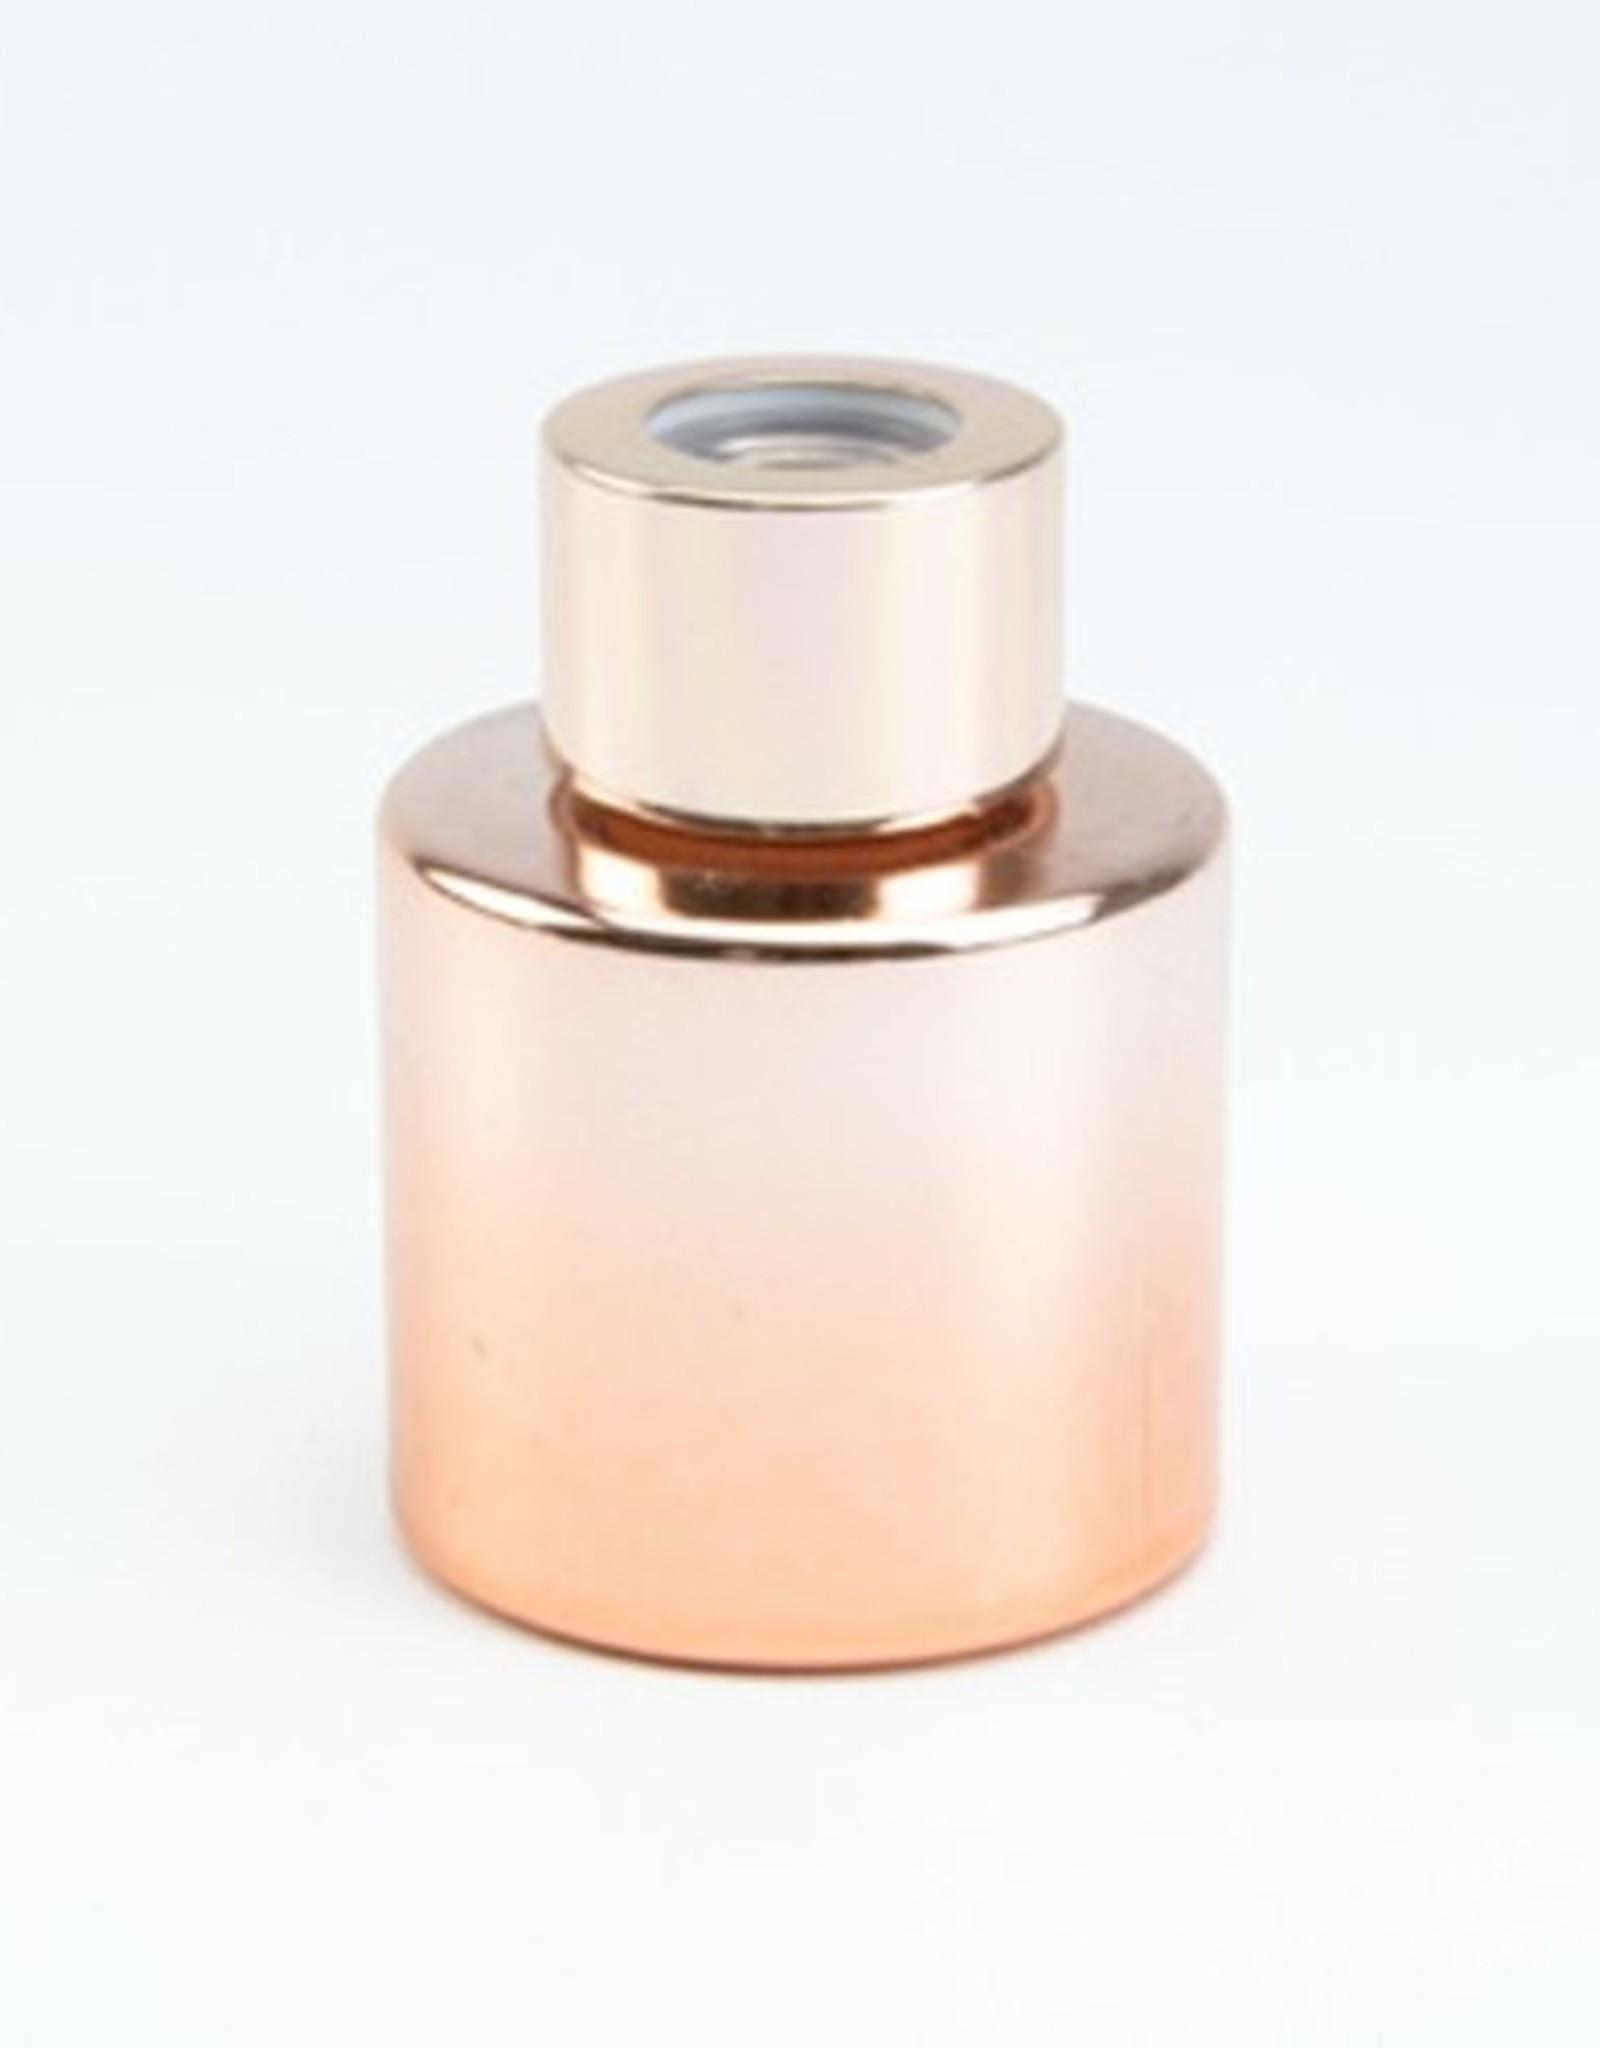 Parfumflesje rond 50ml glanzend roségold met roségolddop - incl geurstokjes